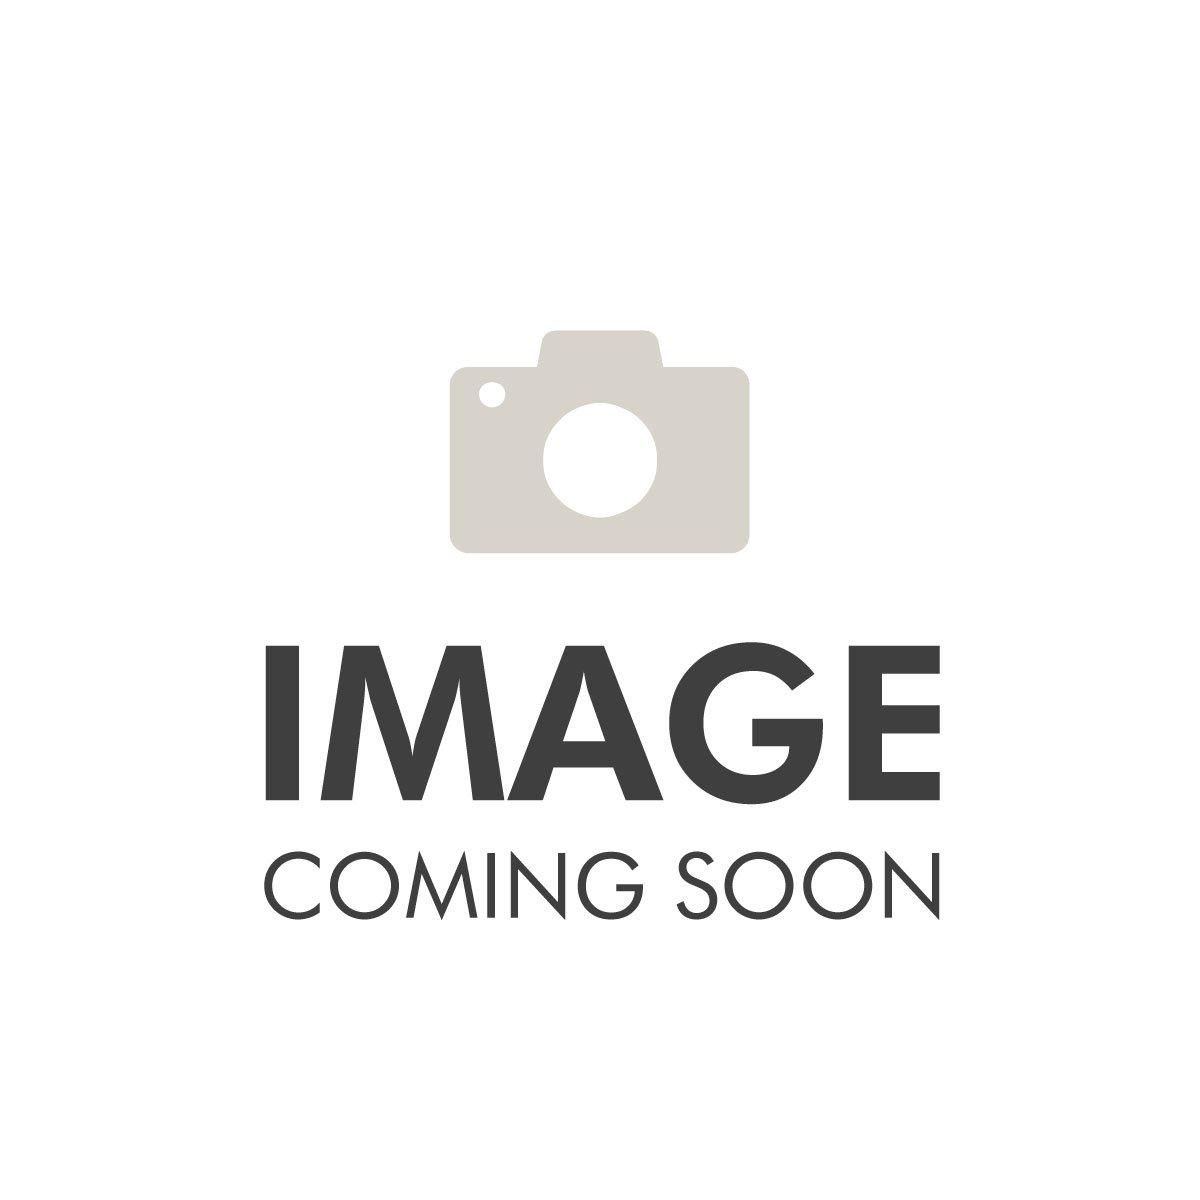 Uhlmann - Coussin de fleuret/sabre électrique - Feutre